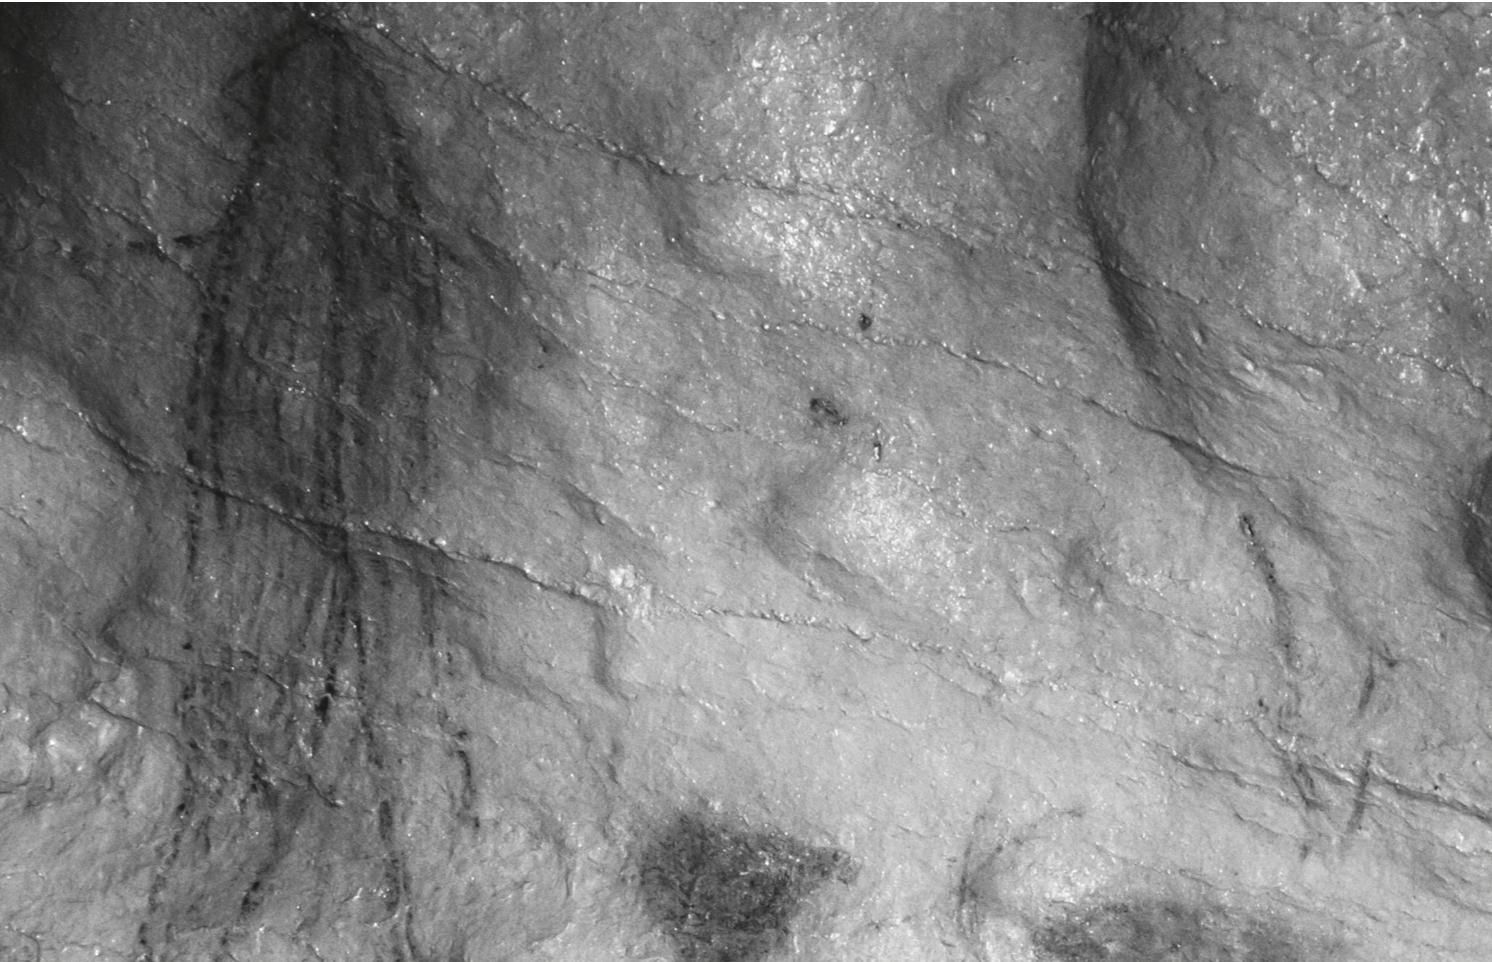 幻象、萨满和七个符号:远古人类如何呈现肉眼看不见的世界